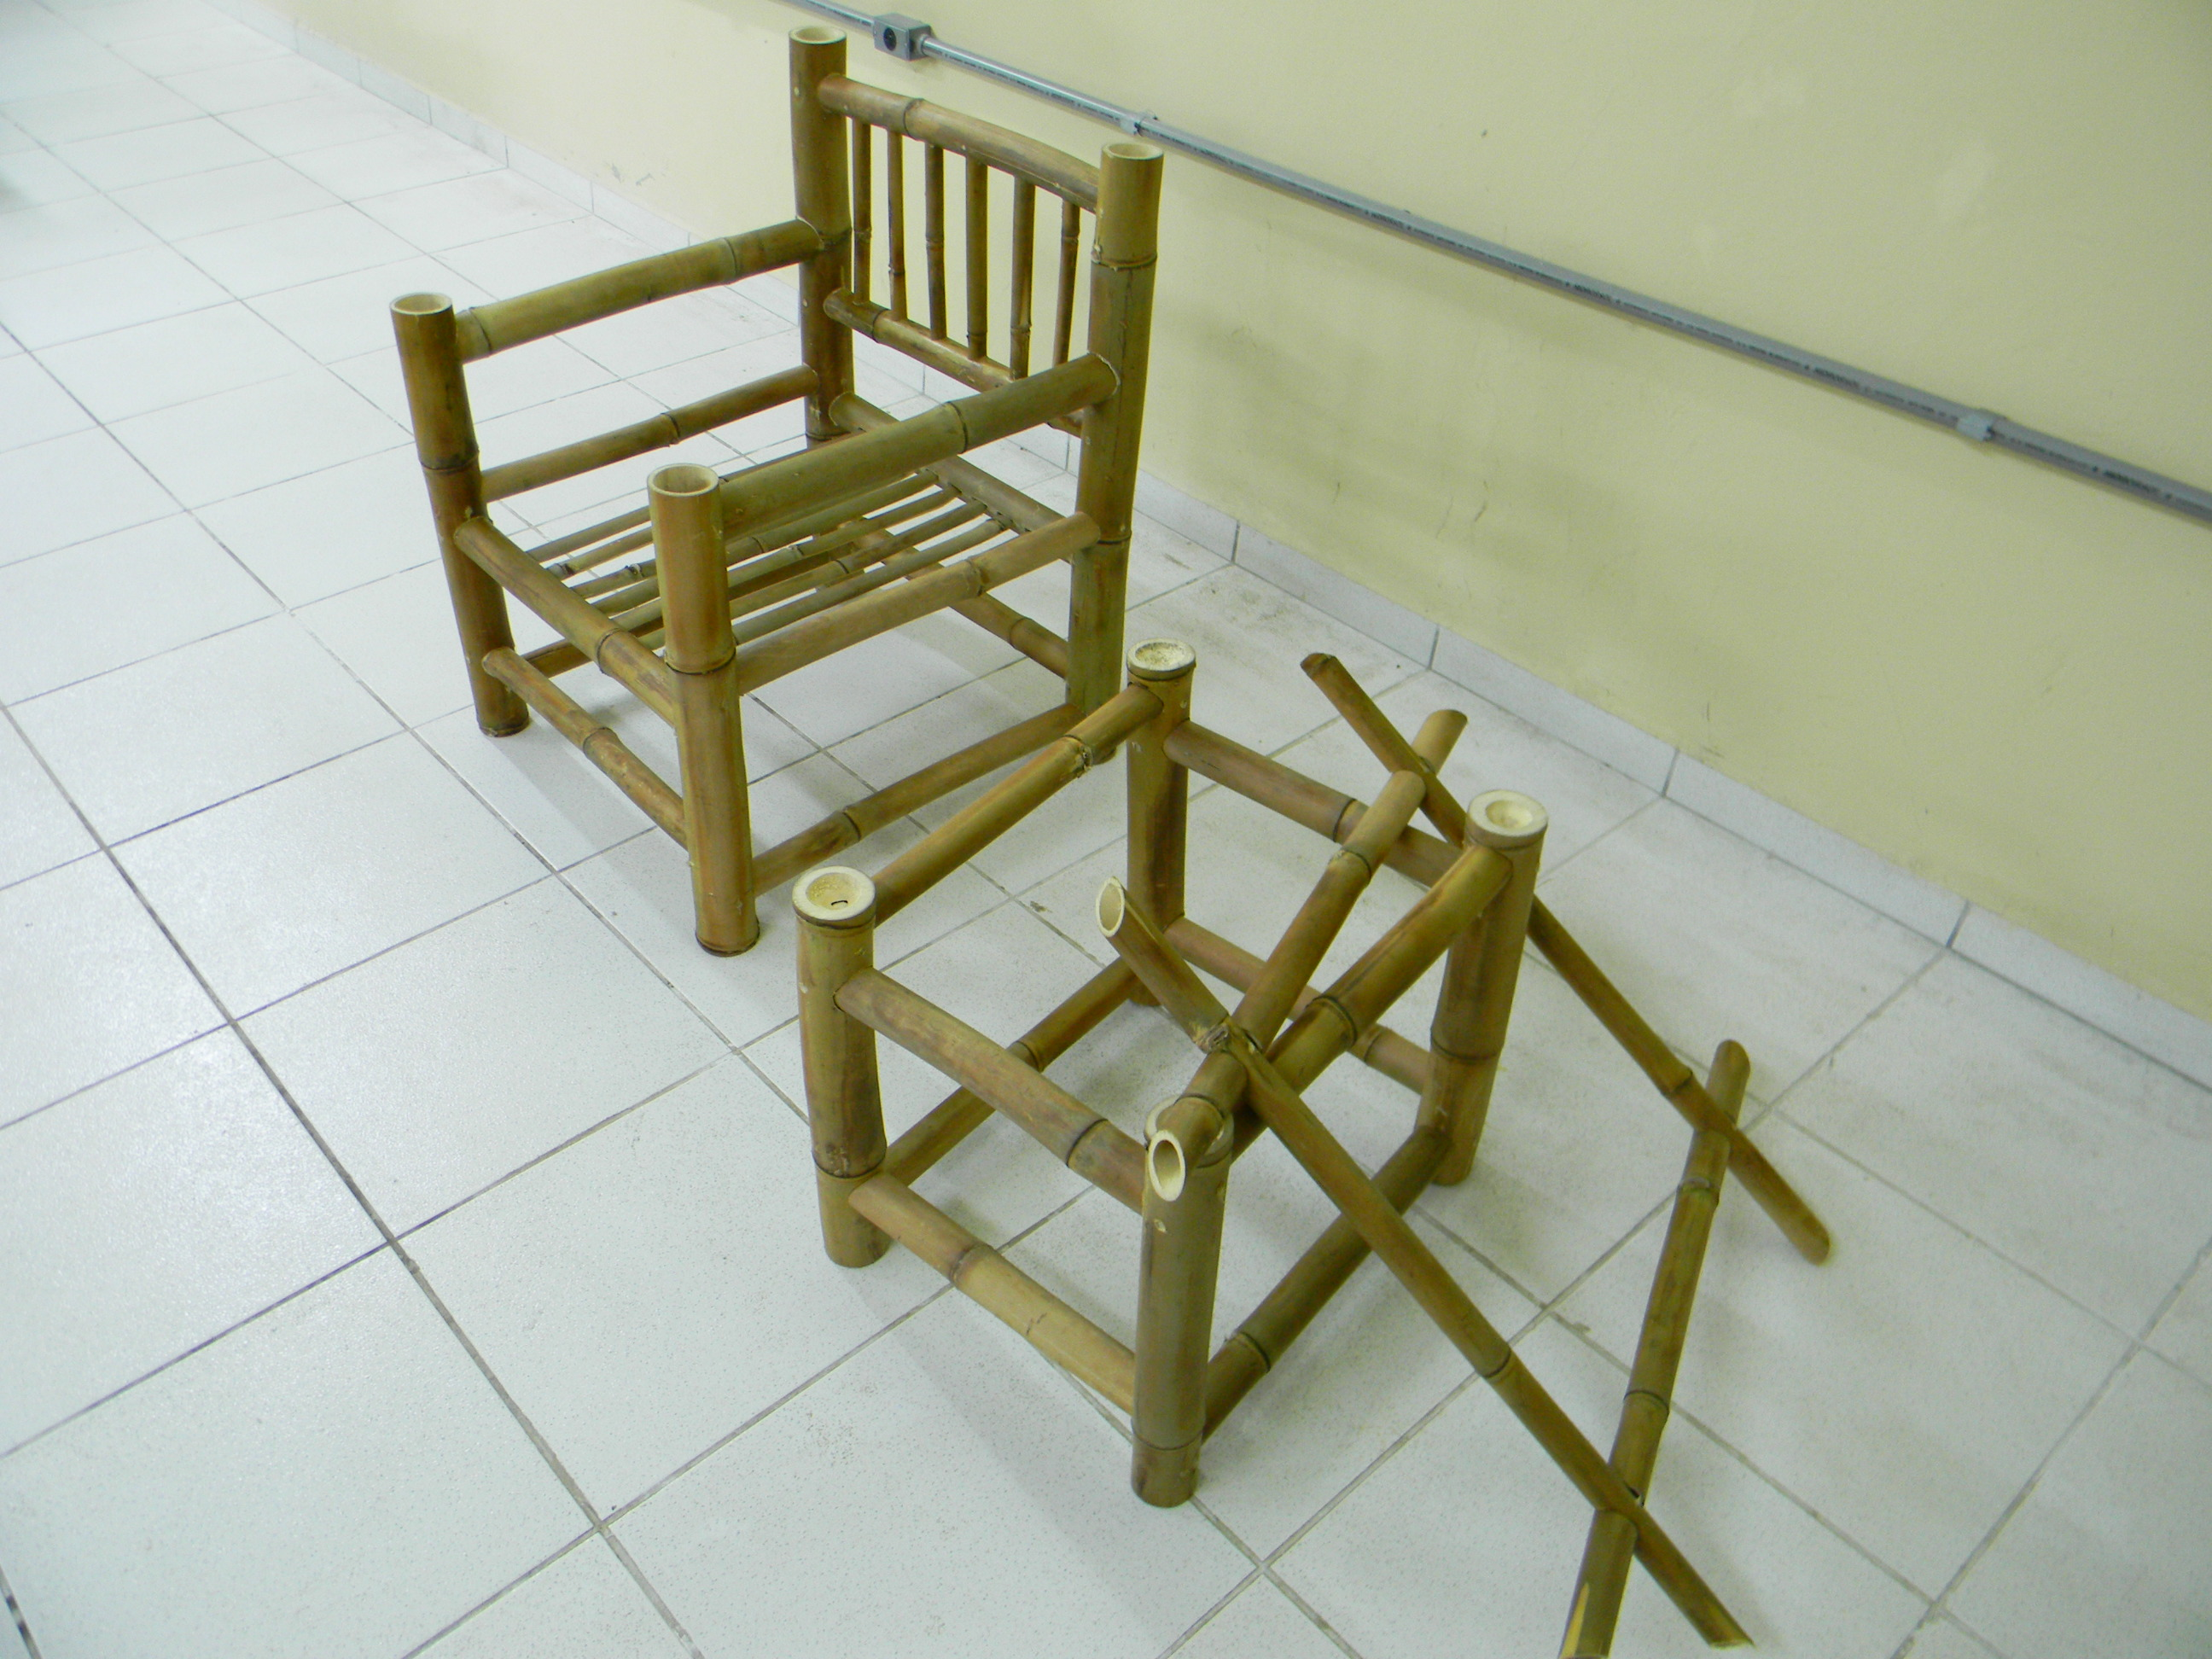 Fazenda Curso construção de móveis com bambu BambuSC 062.jpg #4A400B 2592x1944